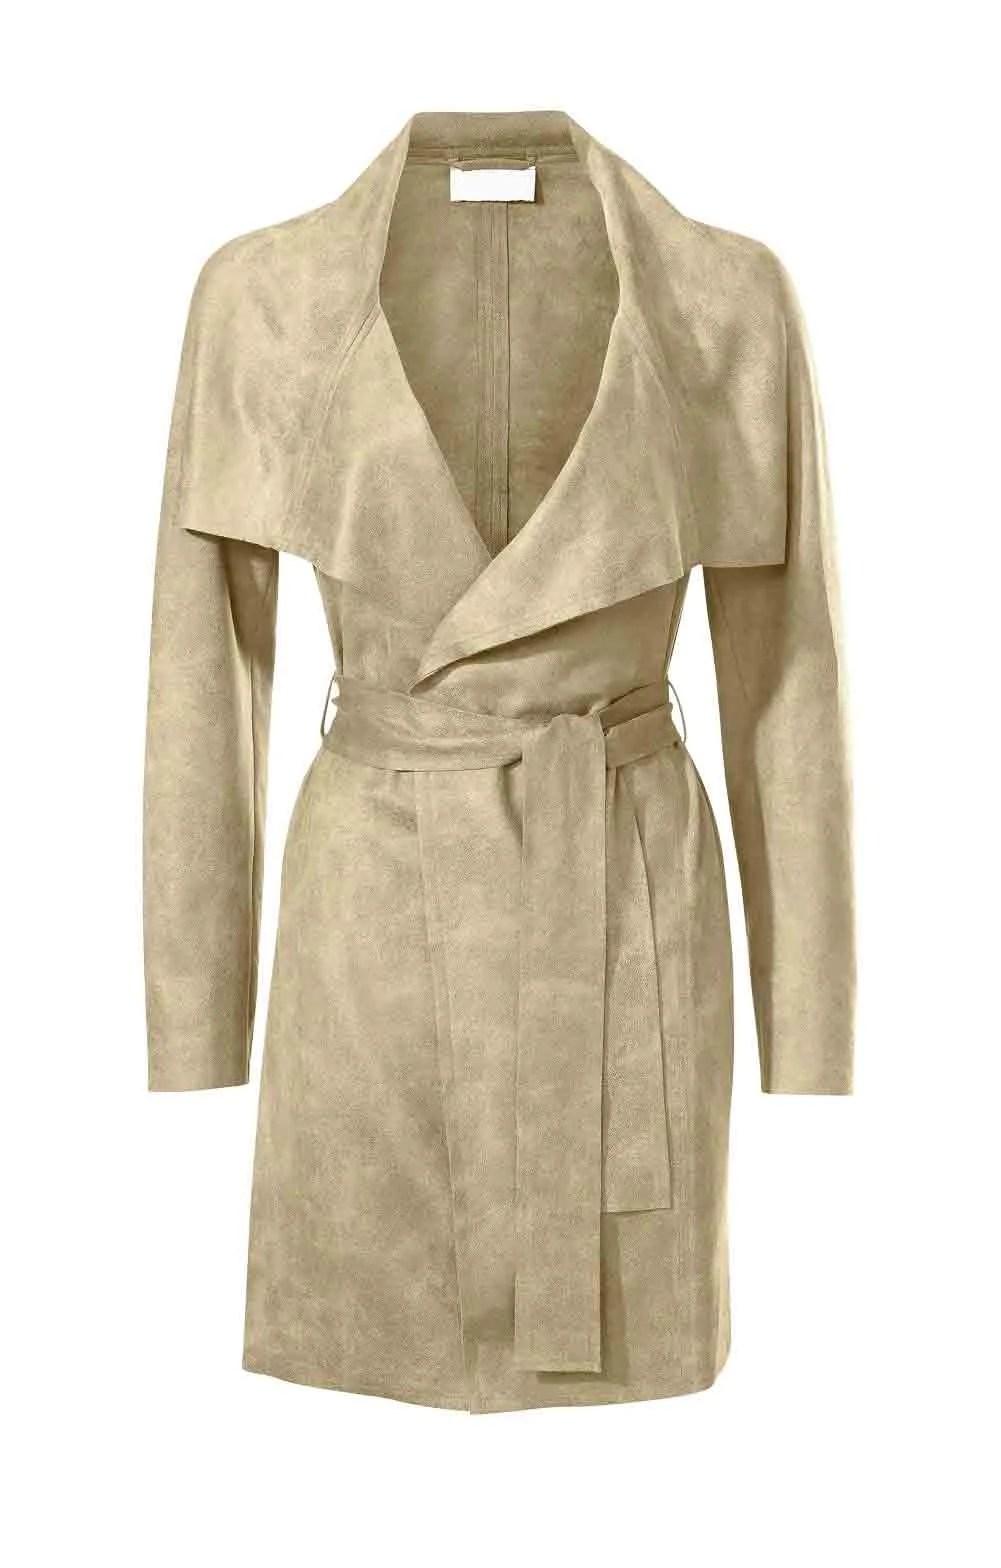 096.057 Velourslederimitatmantel, beige von Travel Couture by HEINE Grösse 44